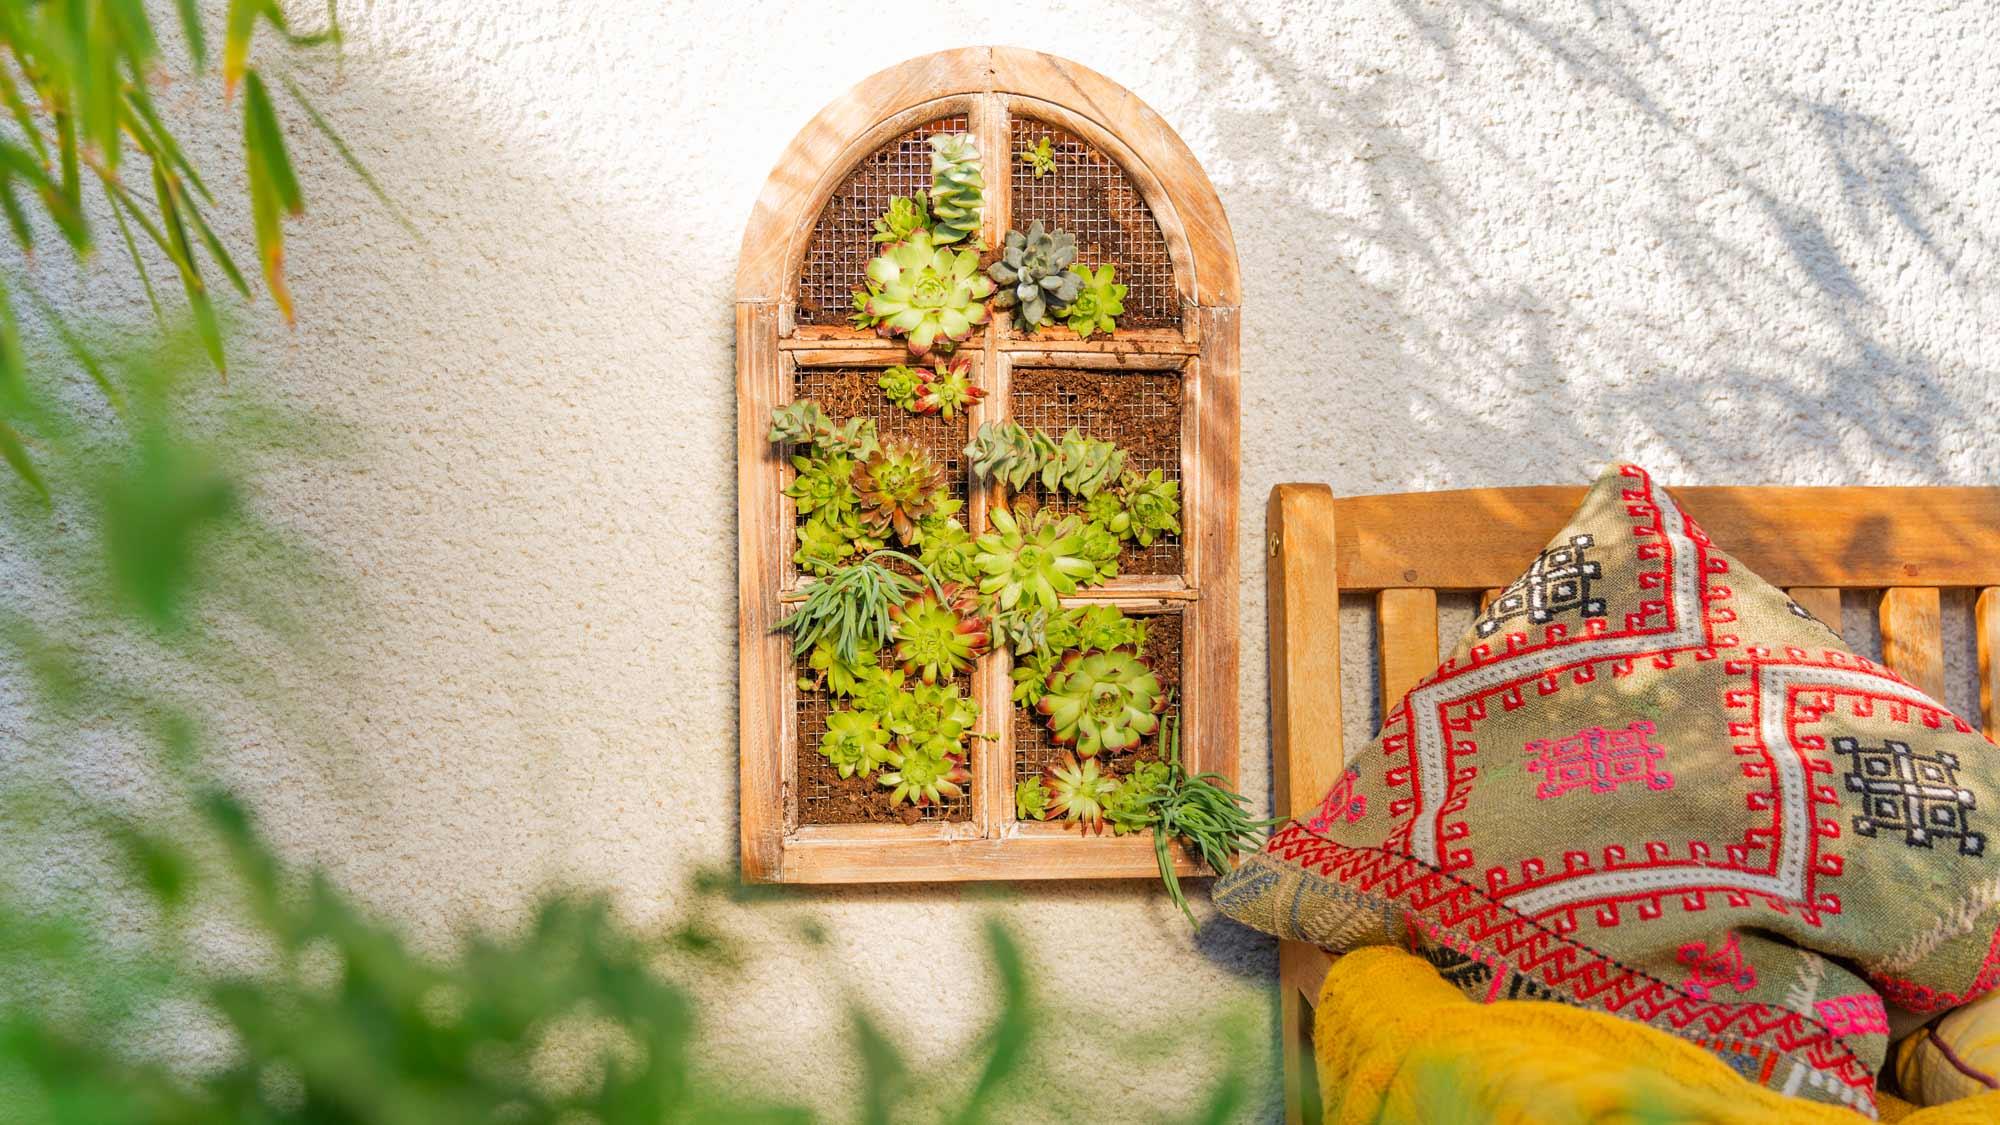 Giardini Verticali Fai Da Te giardino verticale fai da te | realizzazione illustrata -